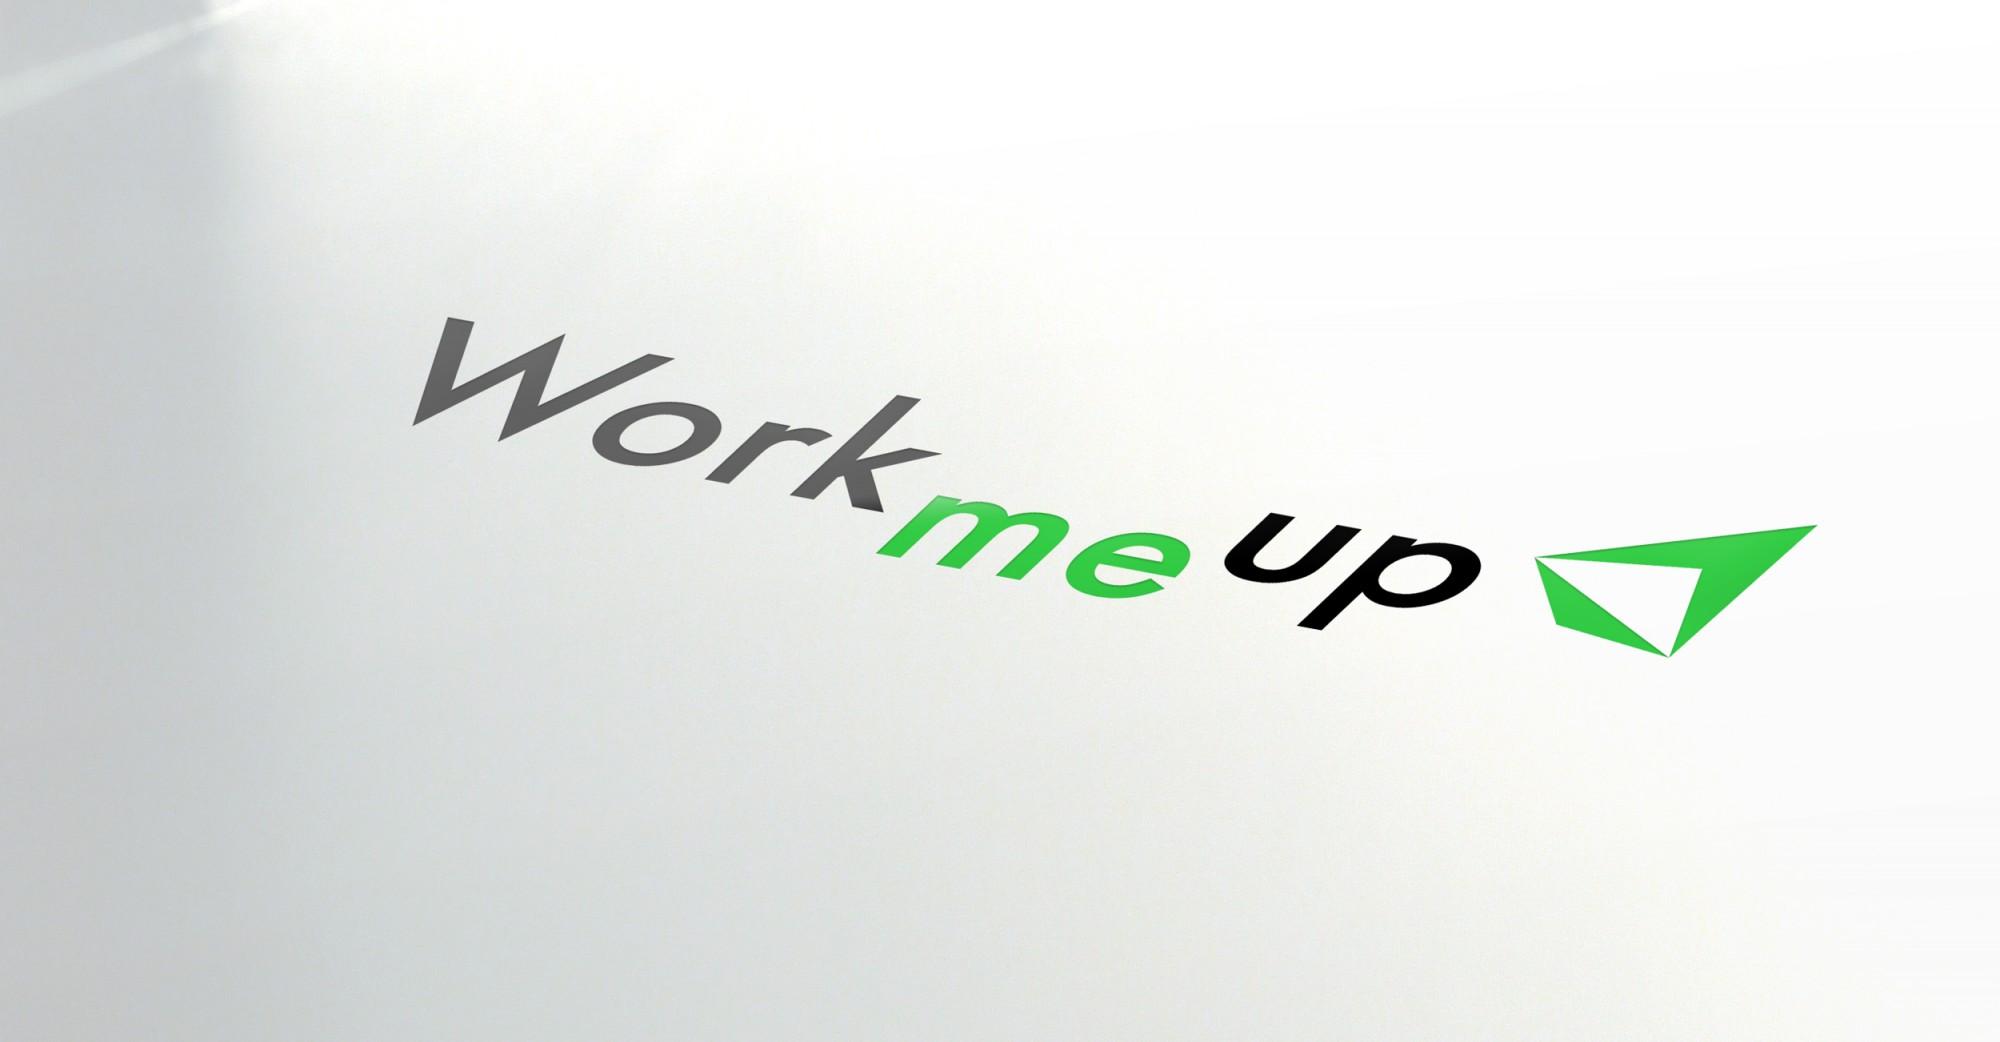 mork_logo